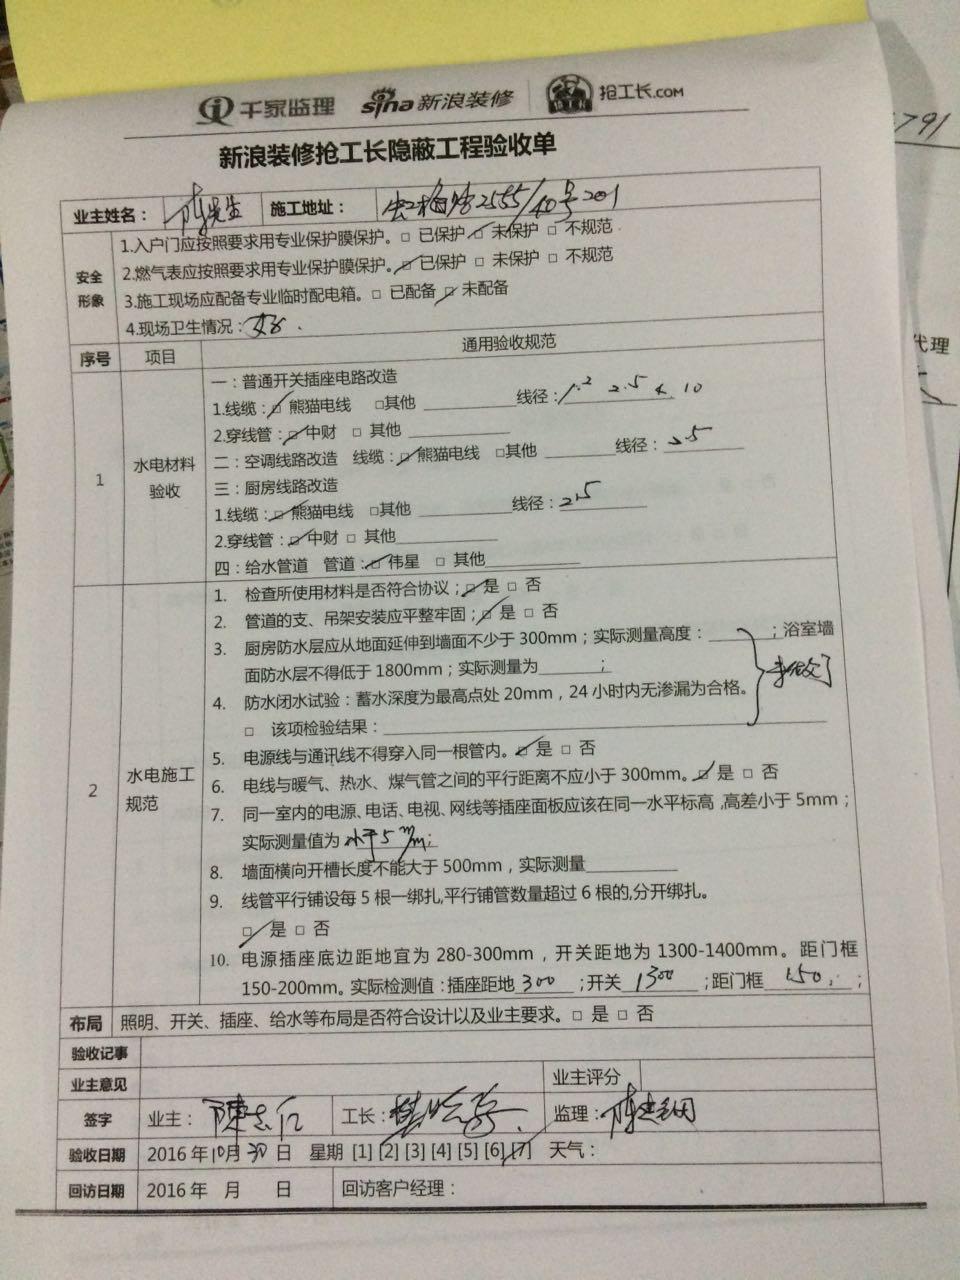 【监理报告】樊晓骏工长施工现场规范整齐